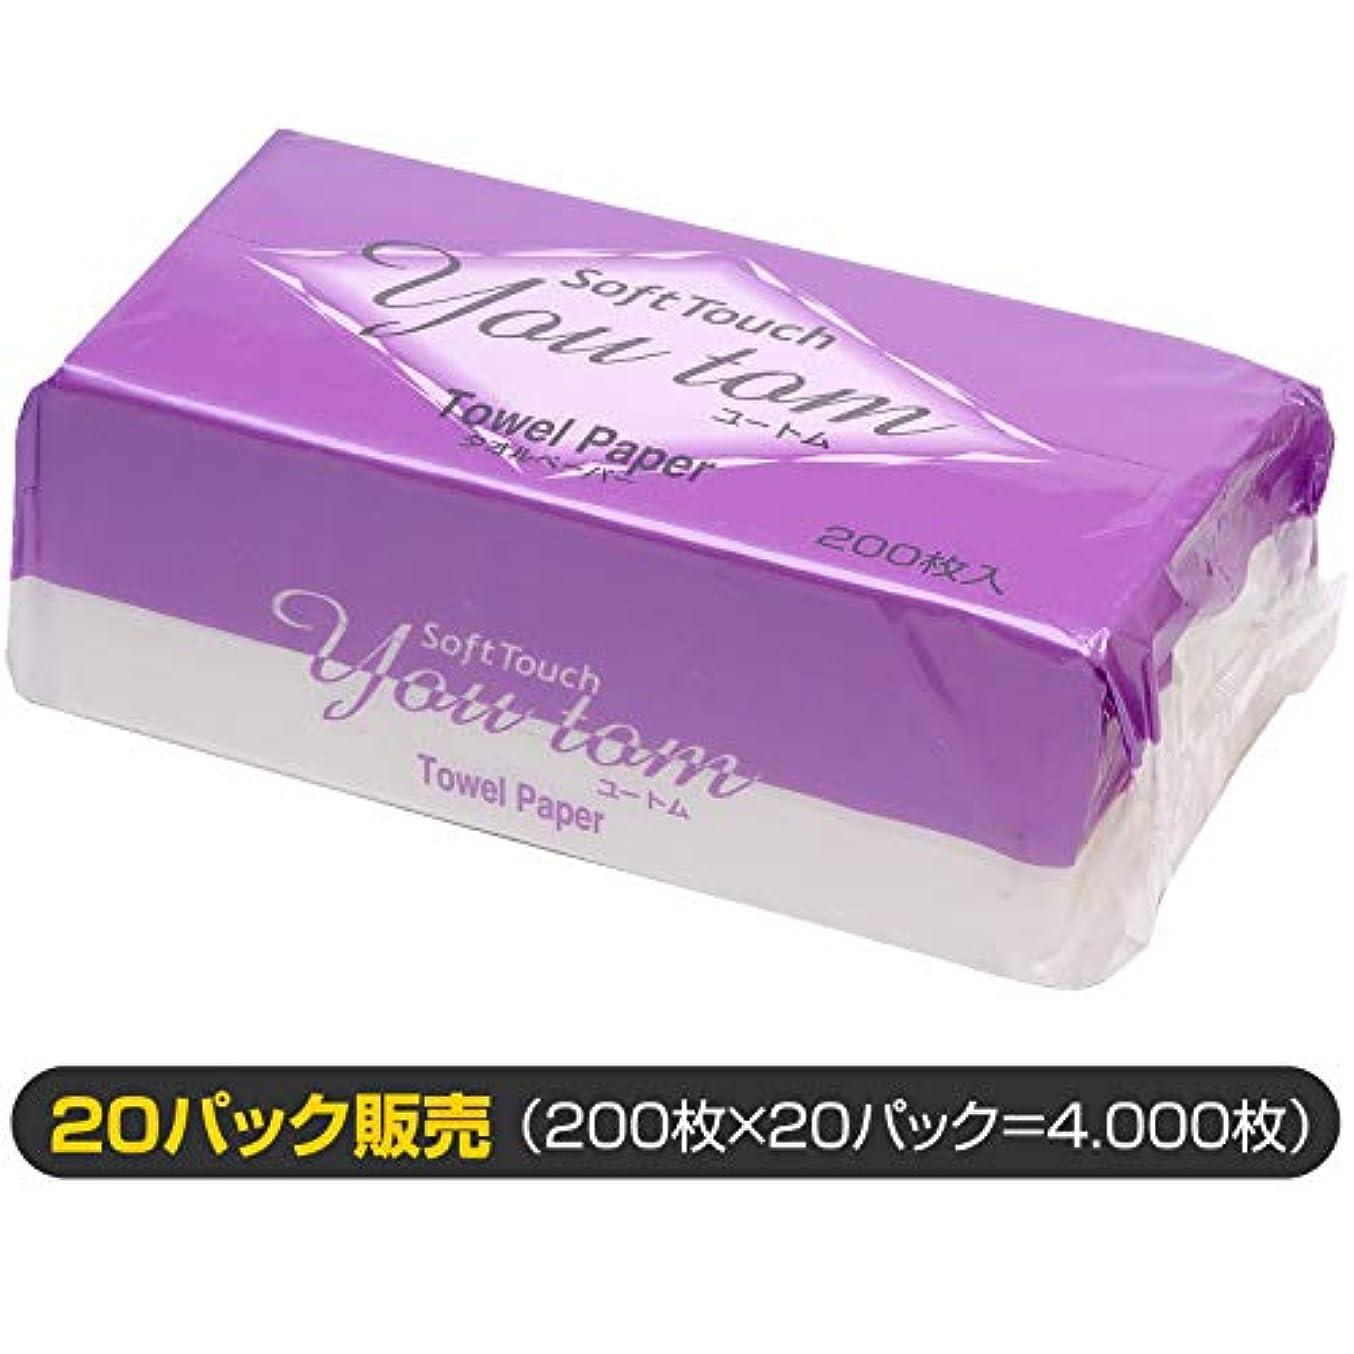 フランクワースリー援助するリフレッシュペーパータオル ユートム/20パック販売(清潔キレイ館/レギュラーサイズ用)